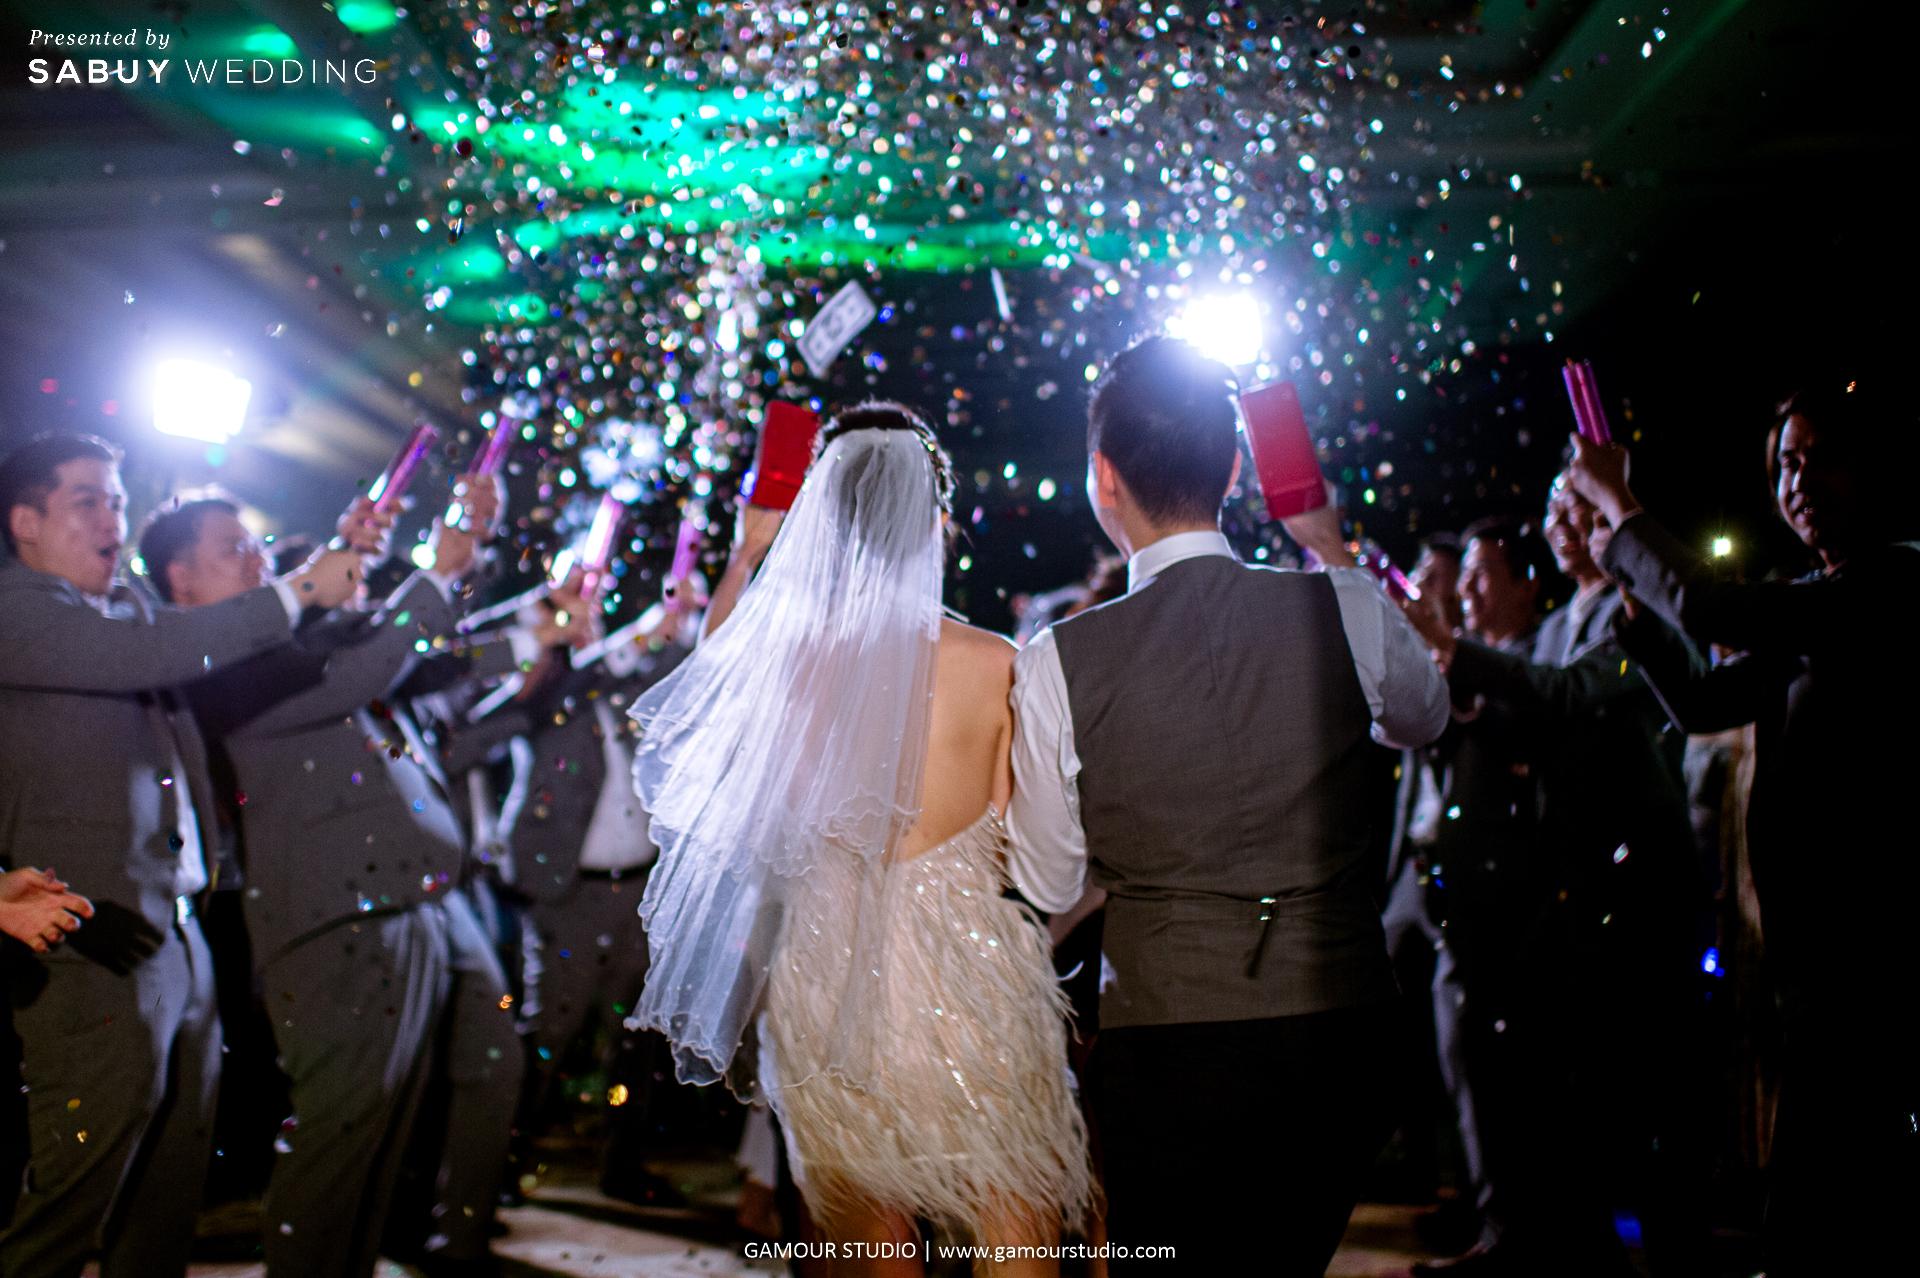 อาฟเตอร์ปาร์ตี้ รีวิวงานแต่งมินิมอลสไตล์ สวยสบายตาด้วยโทนสีขาวคลีน @ Sofitel Bangkok Sukhumvit